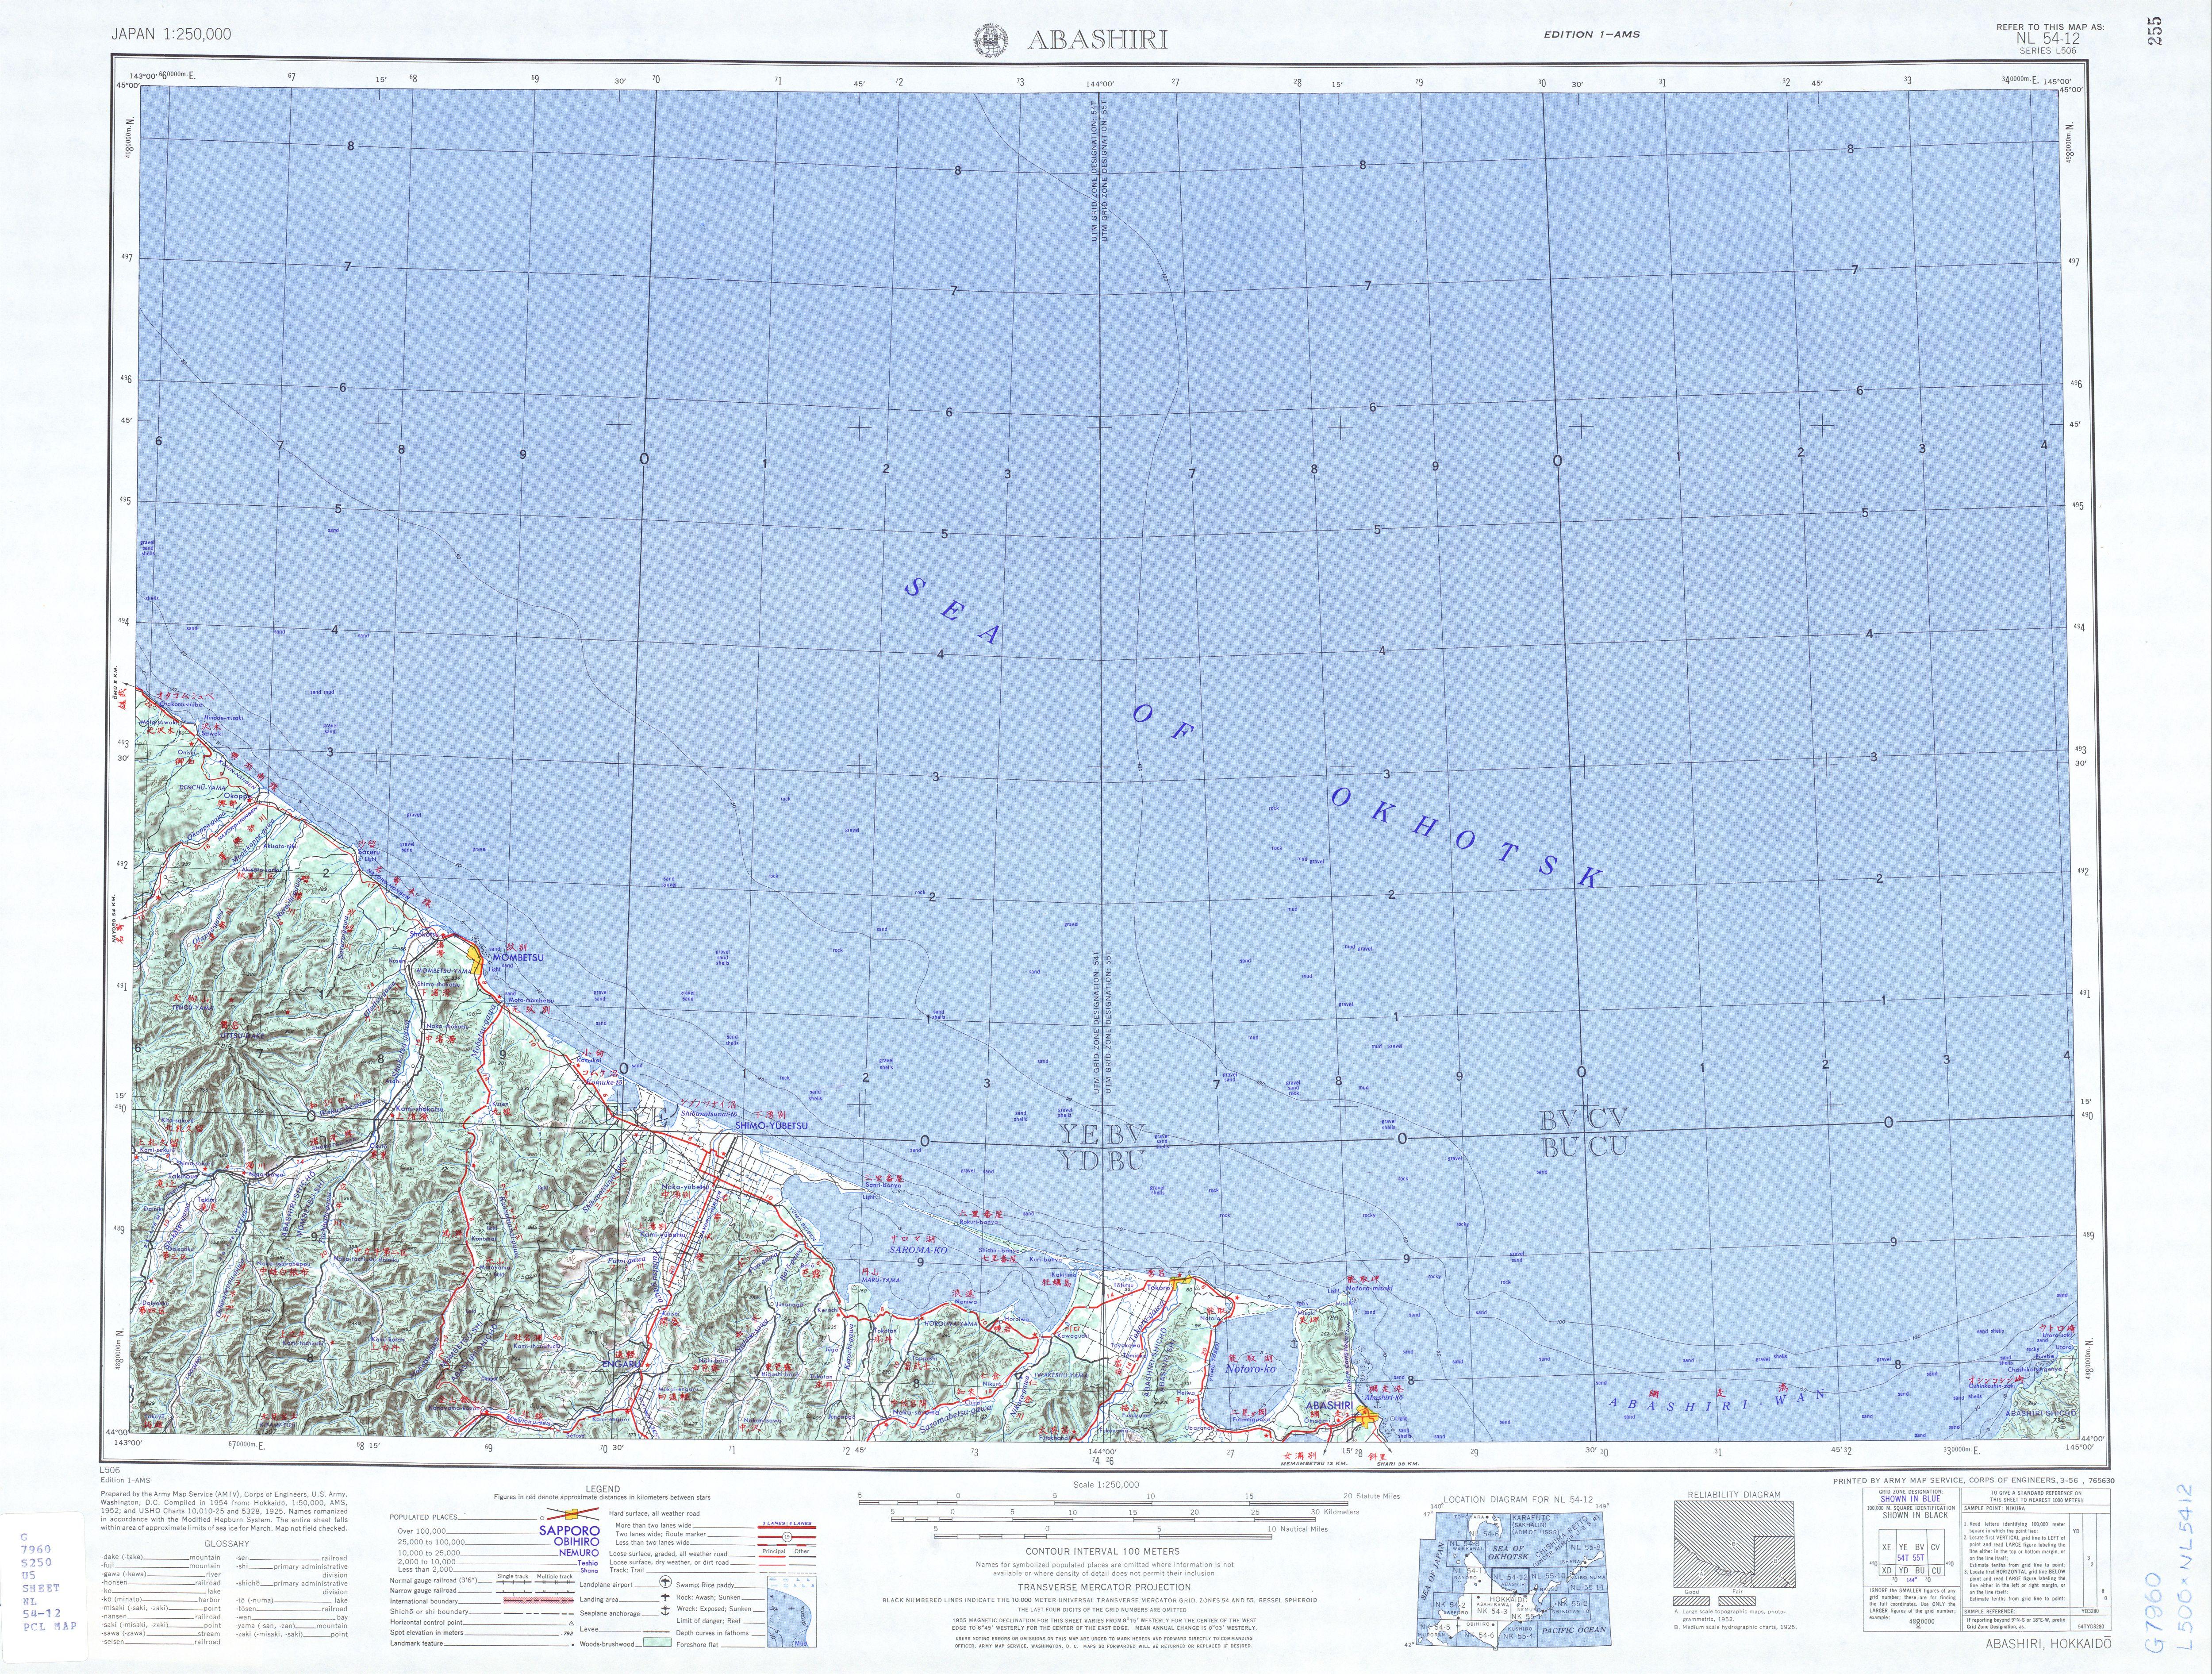 Hoja Abashiri del Mapa Topográfico de Japón 1954